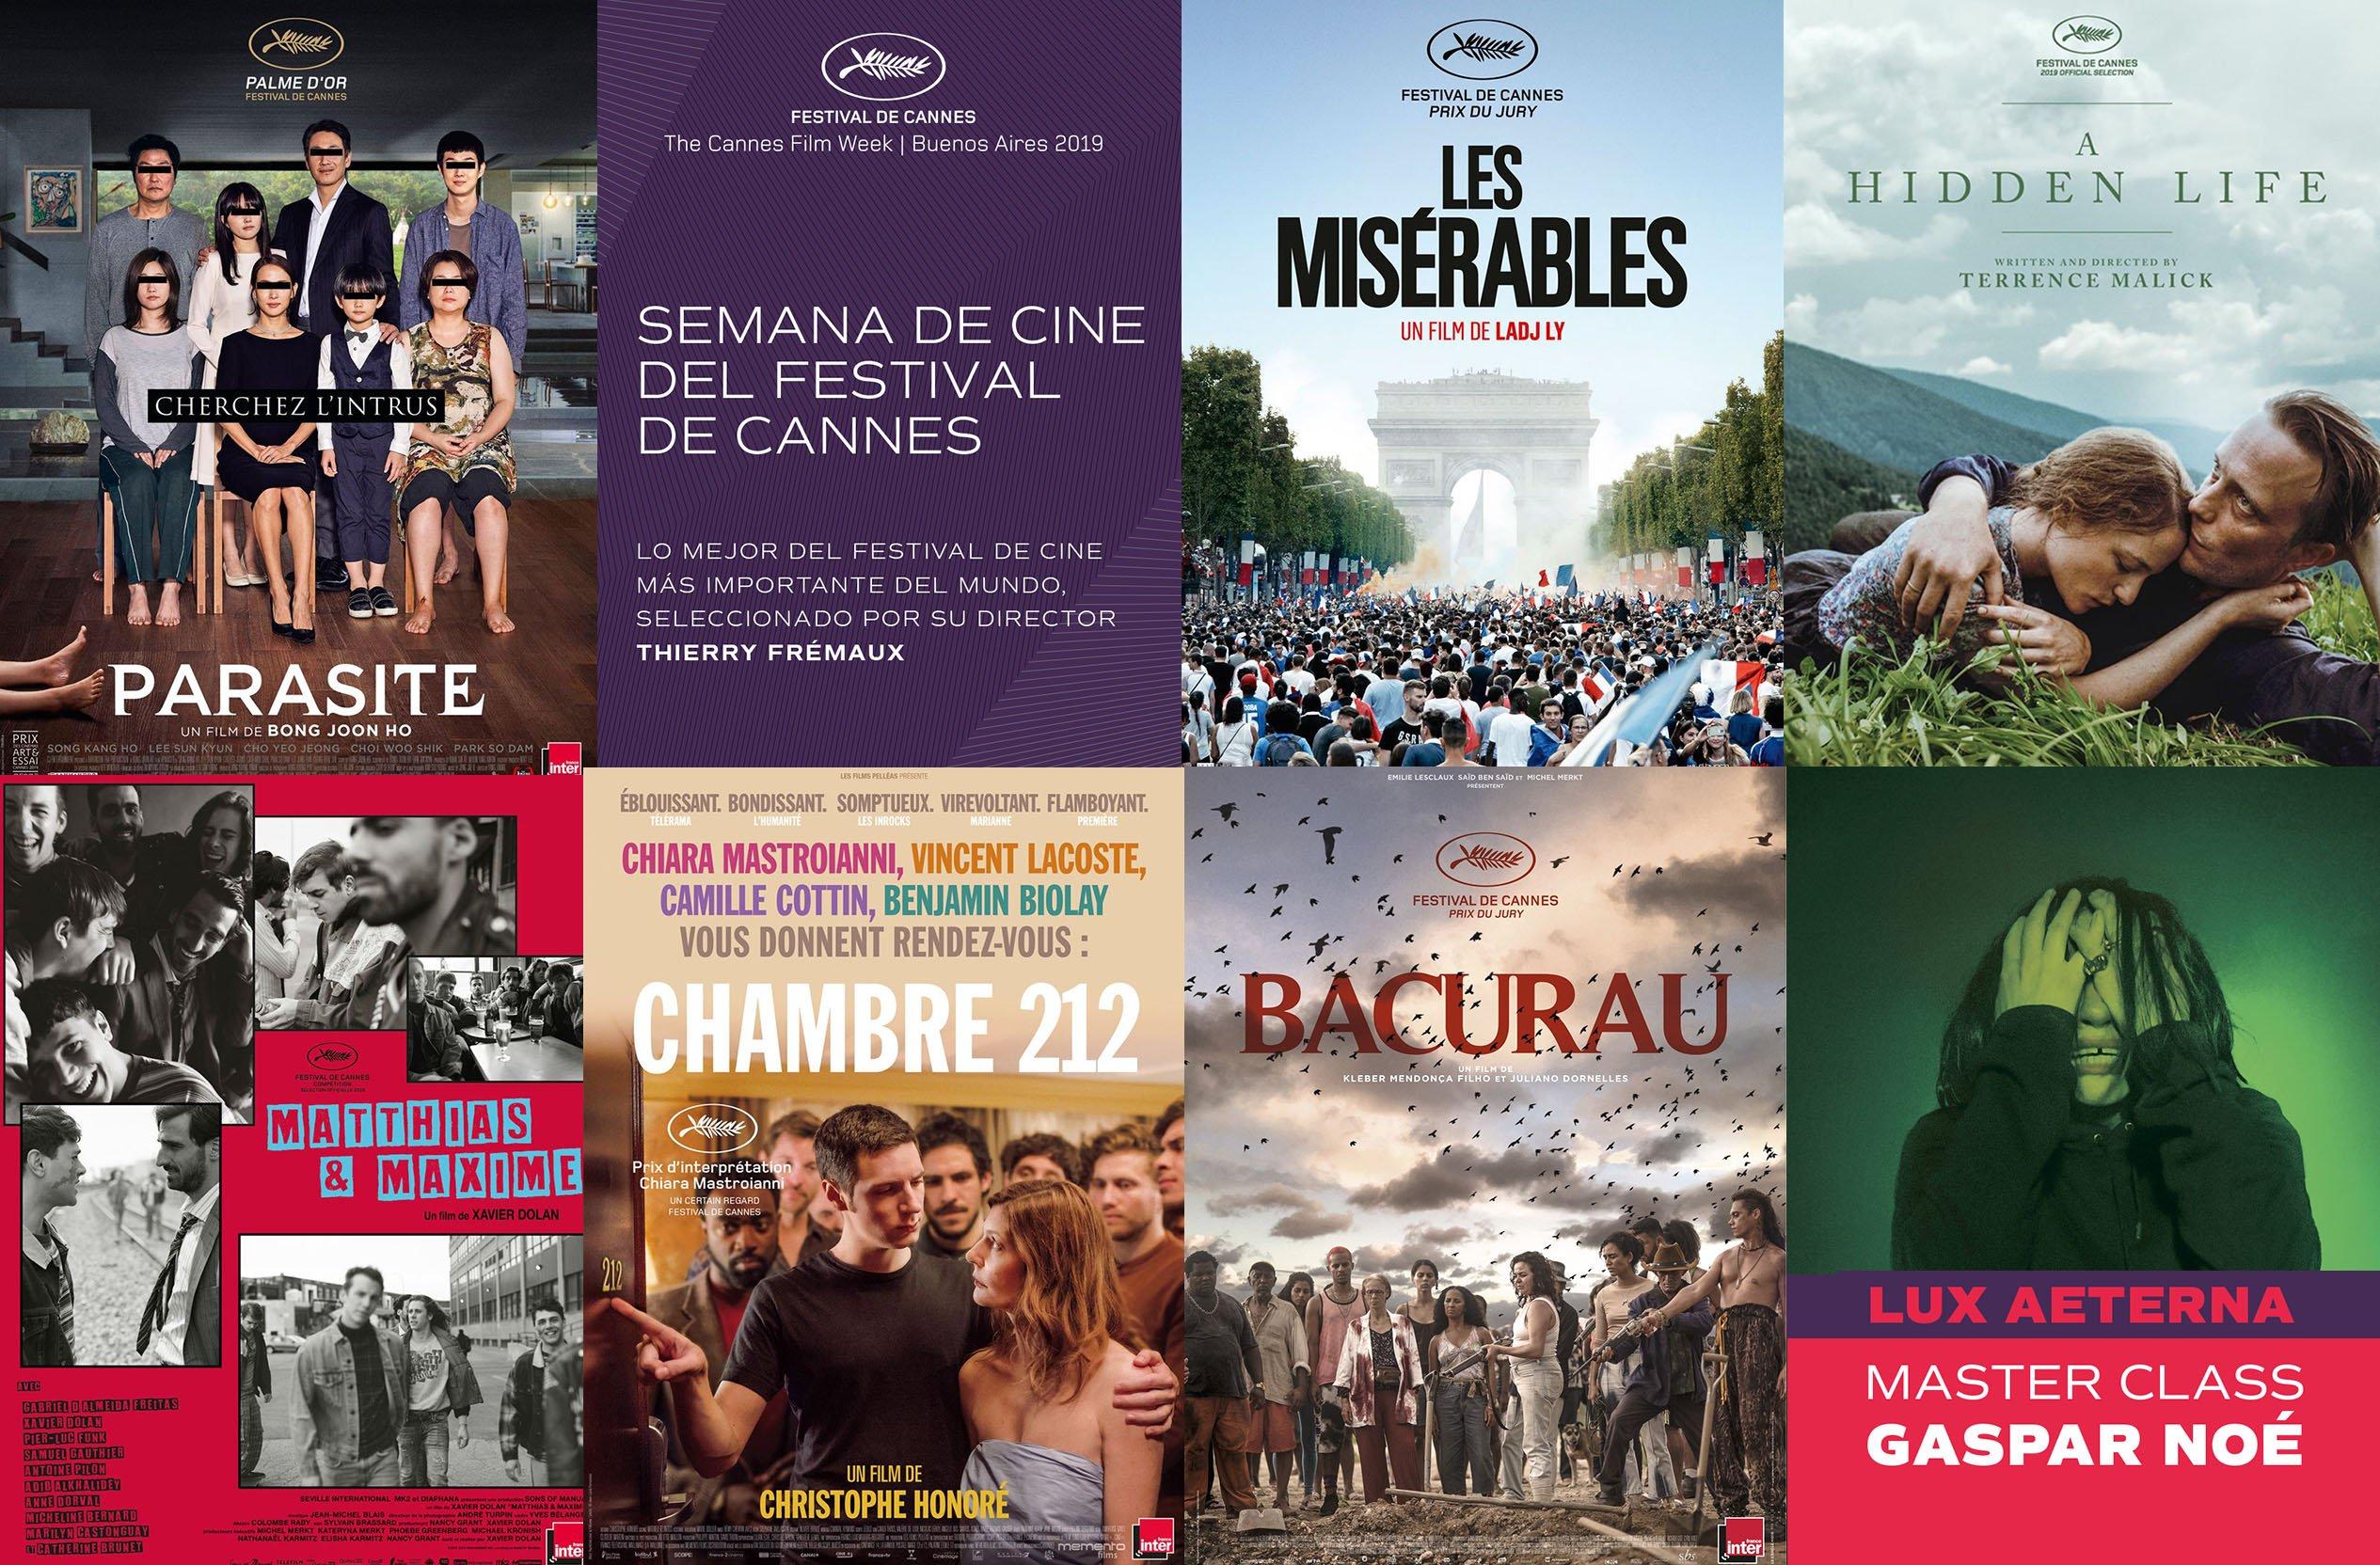 Semana de Cine del Festival de Cannes 2019 en Buenos Aires